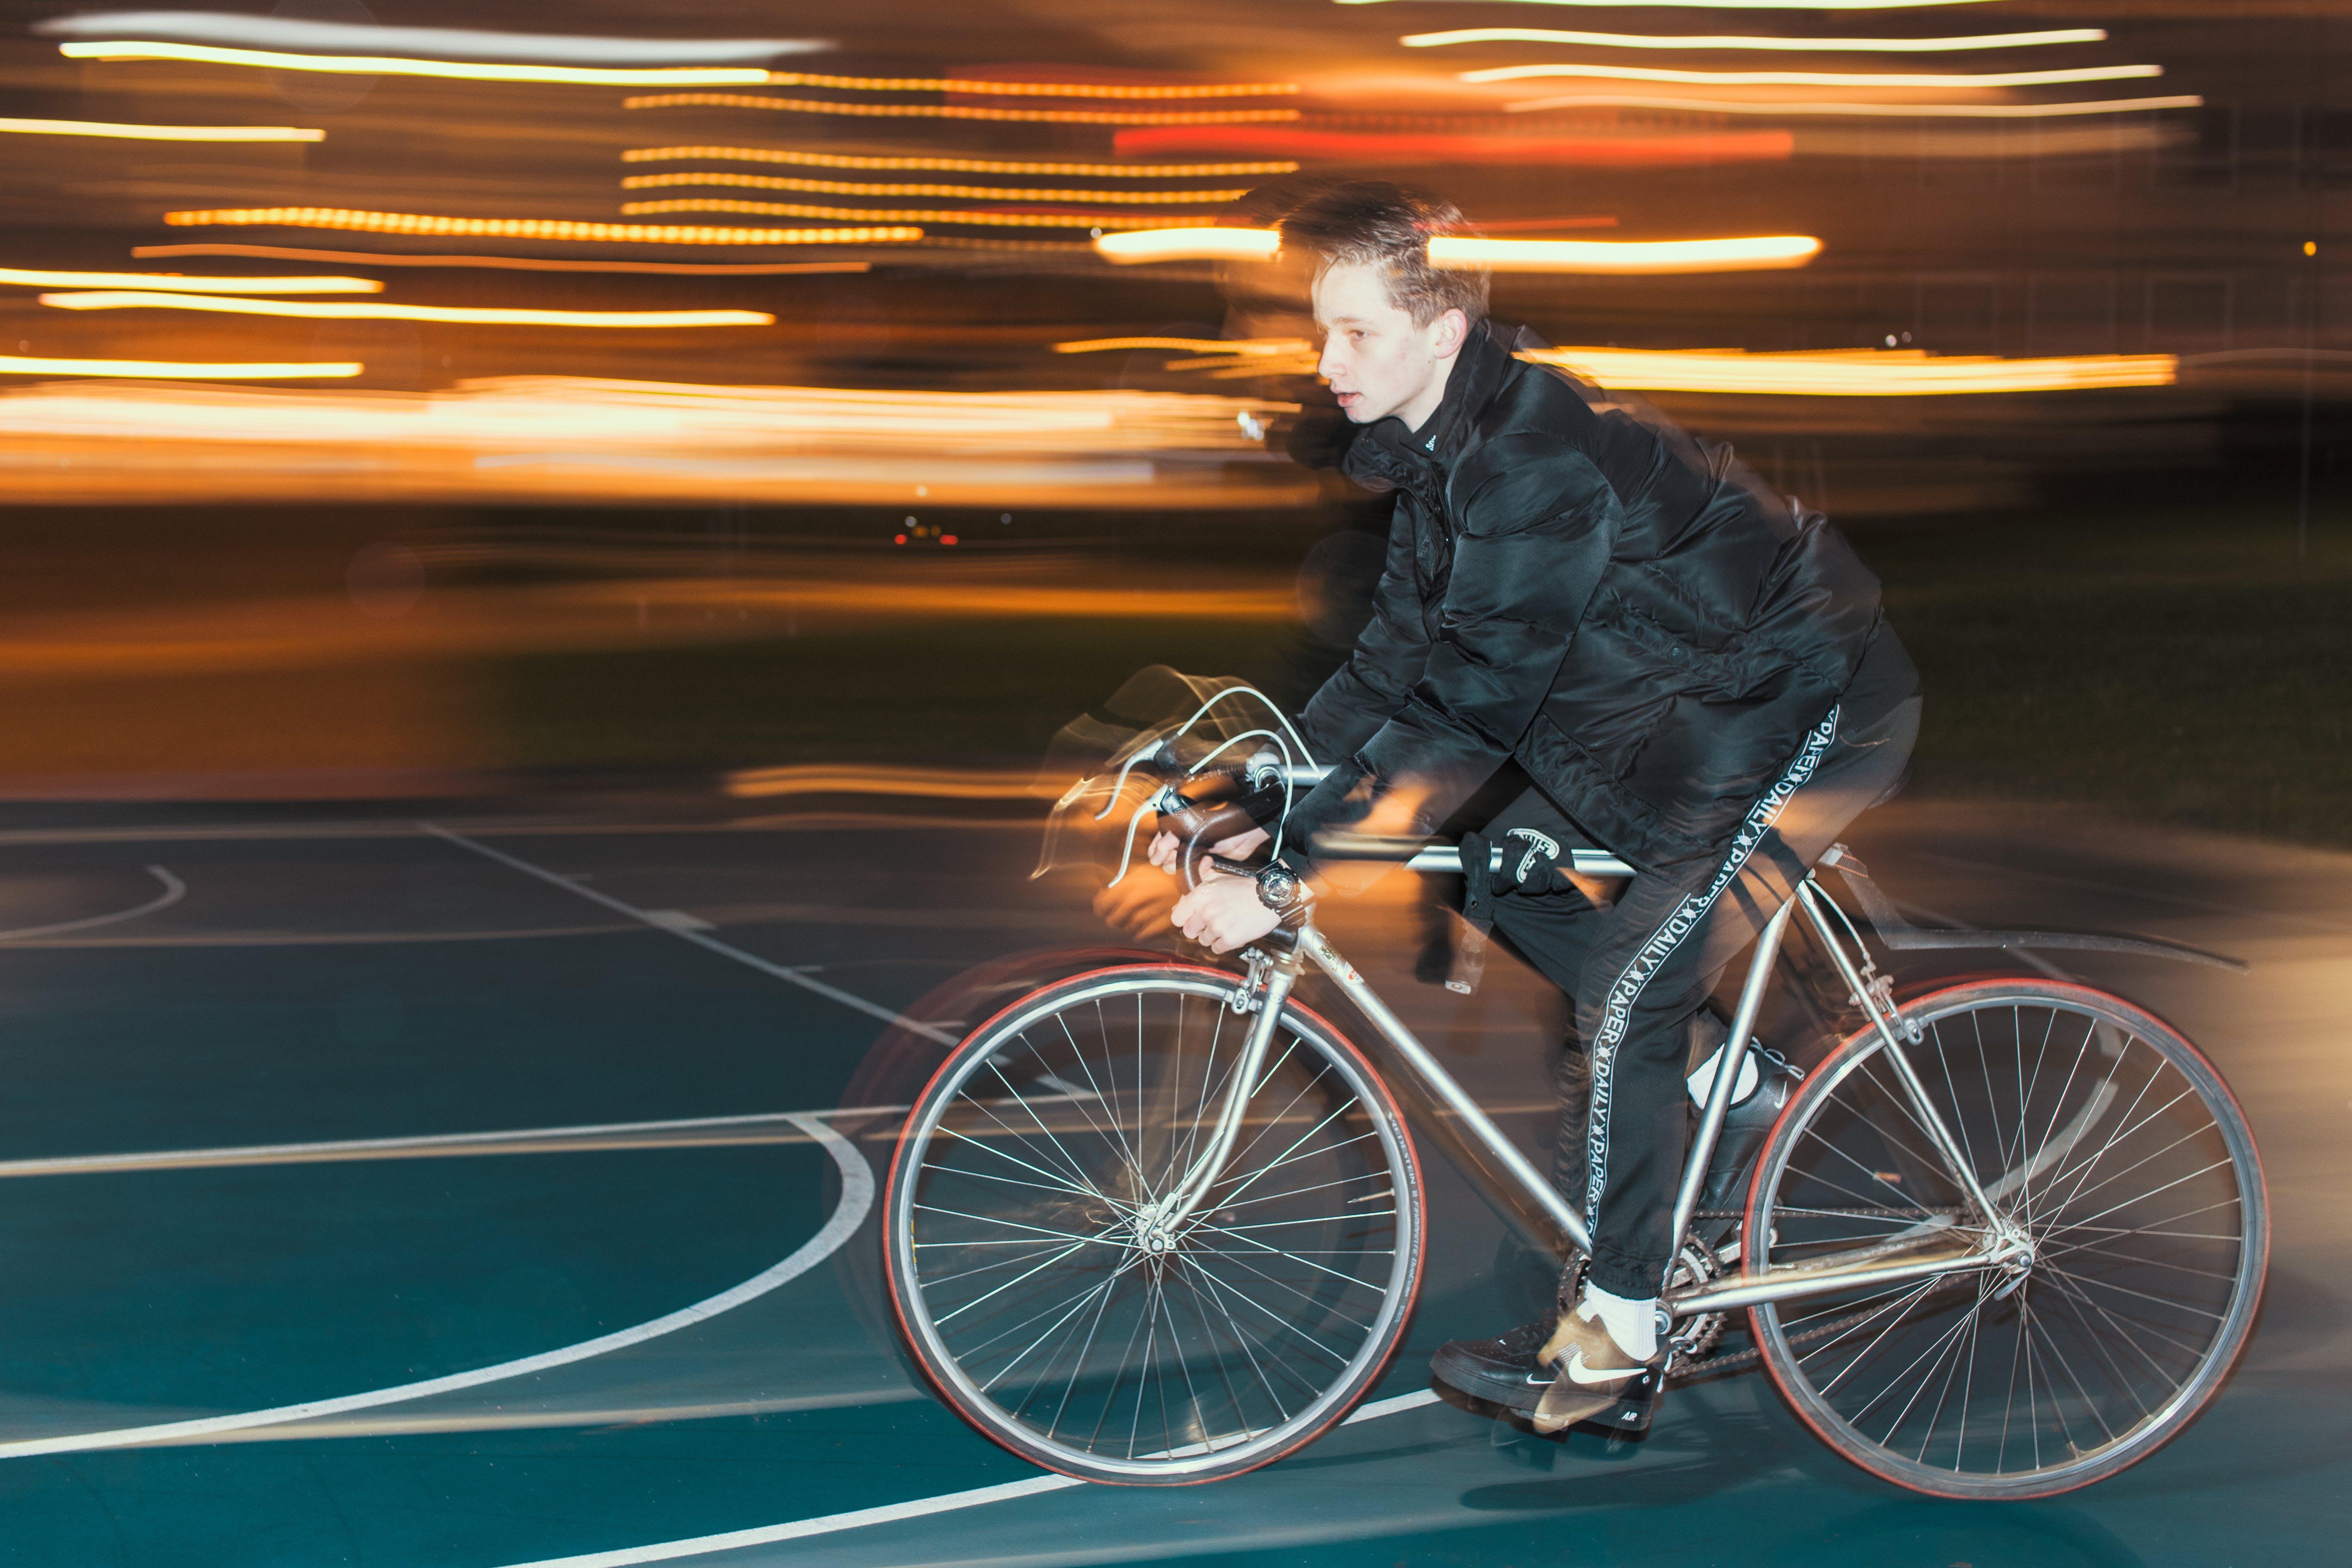 Kostenloses Stock Foto zu fahrrad, nachtleben, person, rennen